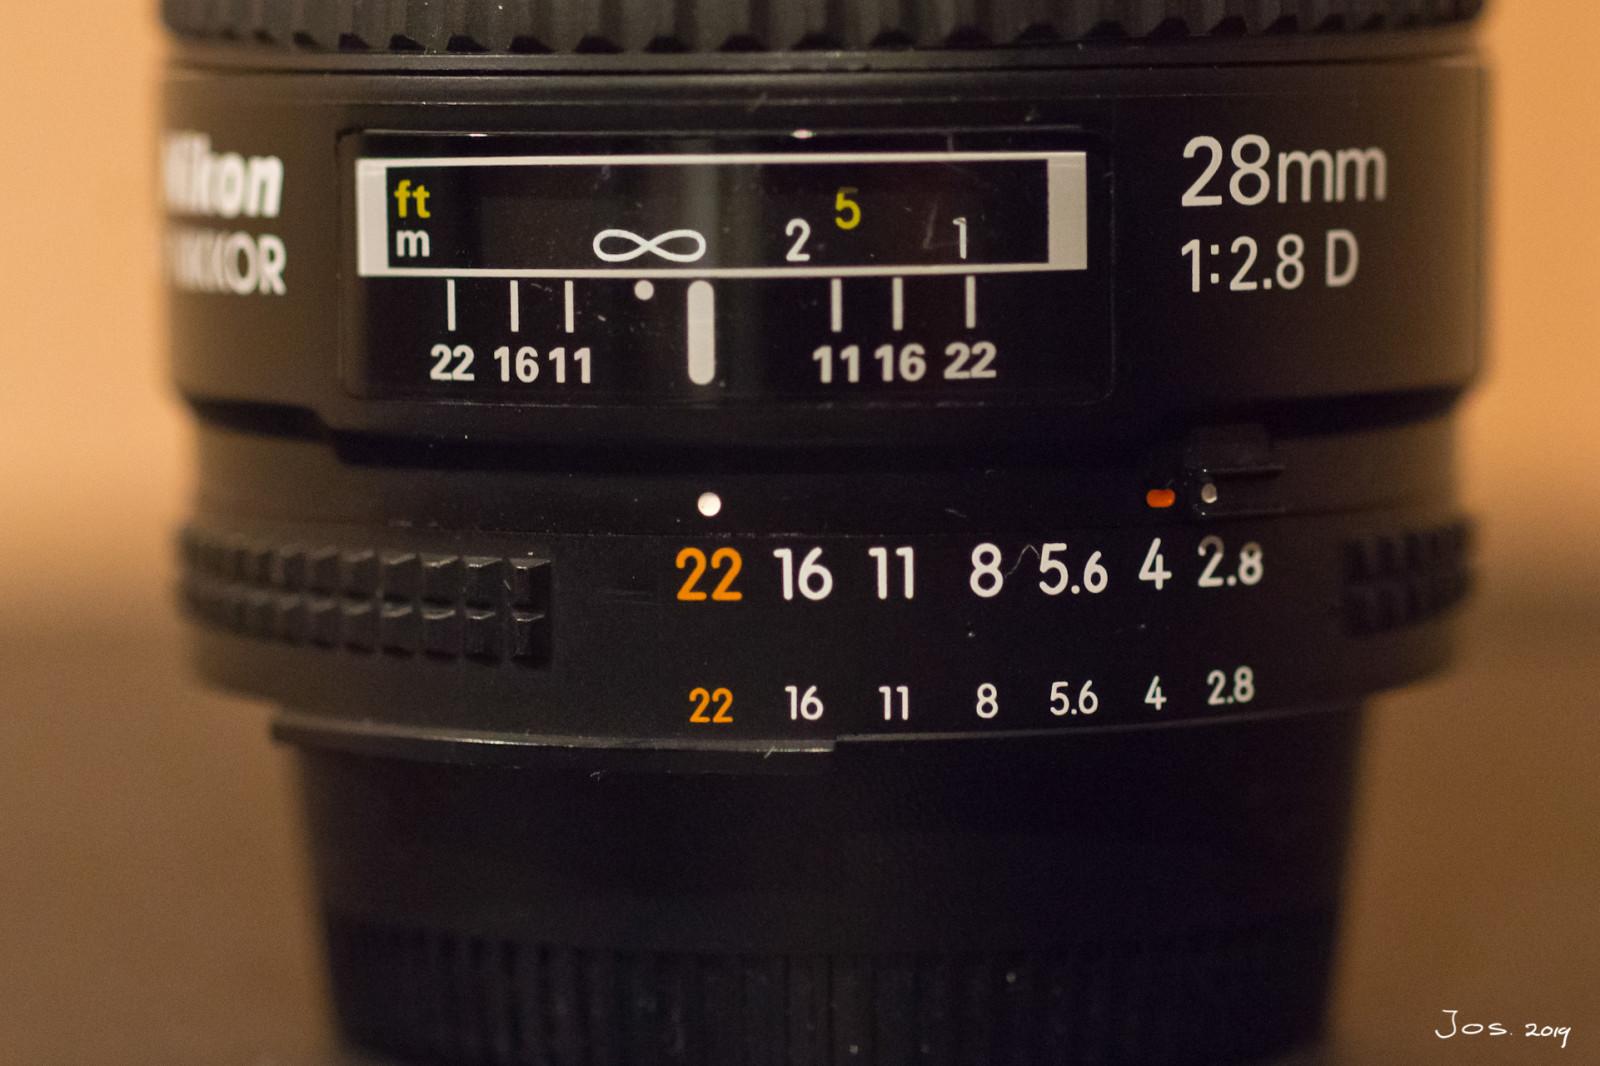 nikkor-28mm